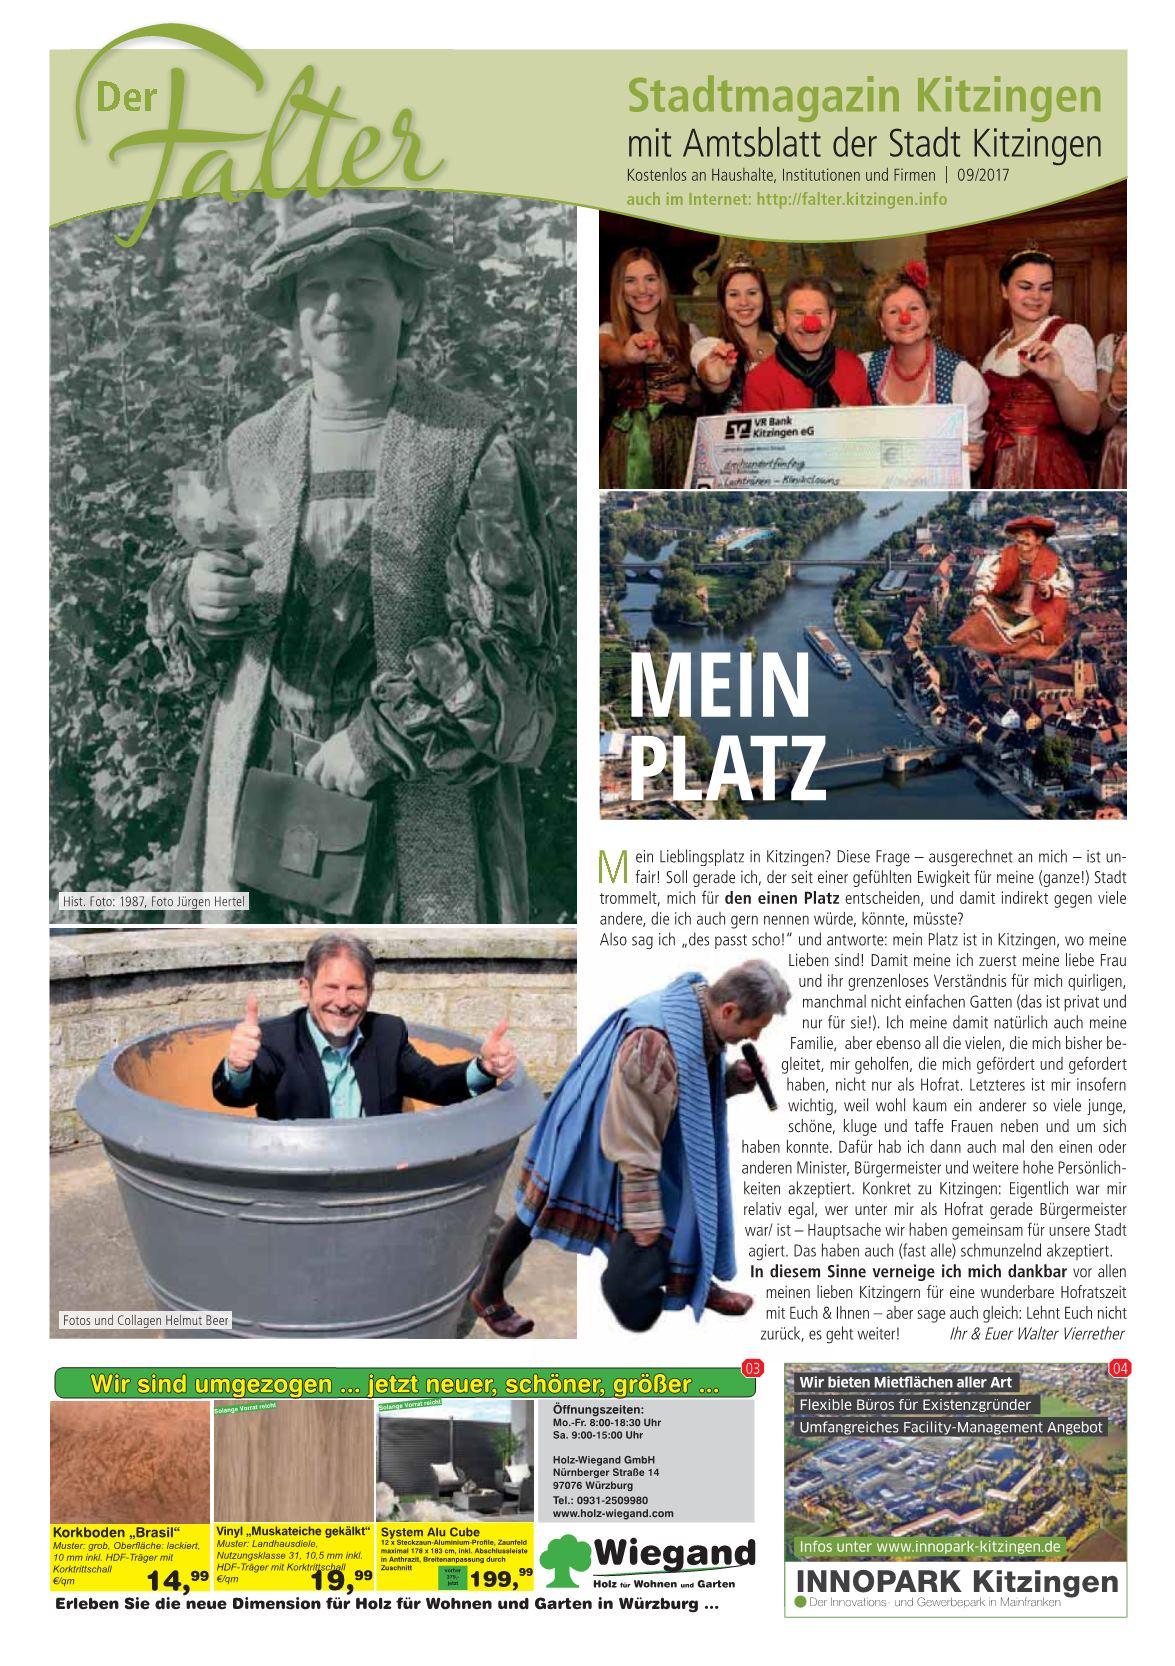 Holz Wiegand Würzburg der falter 09/2017